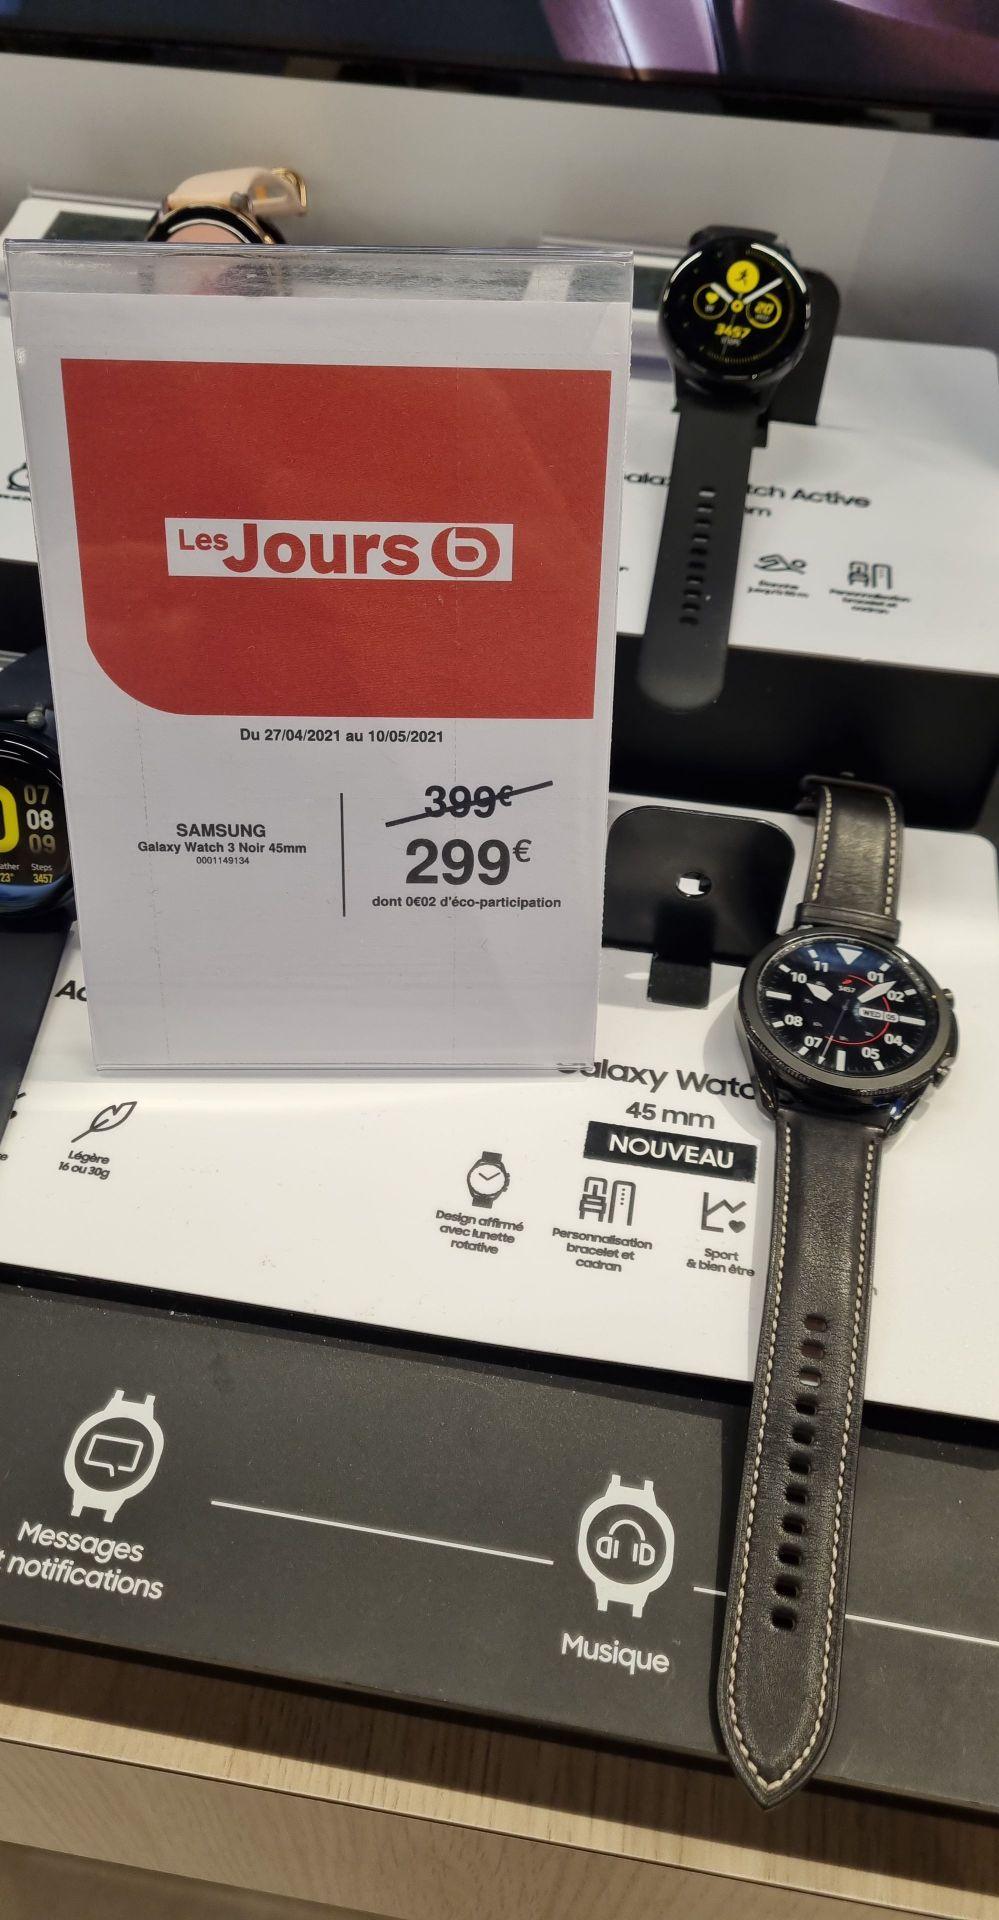 Montre connectée Samsung Galaxy Watch 3 - 45 mm, Noir (Via ODR de 50€) - Tarbes (65)